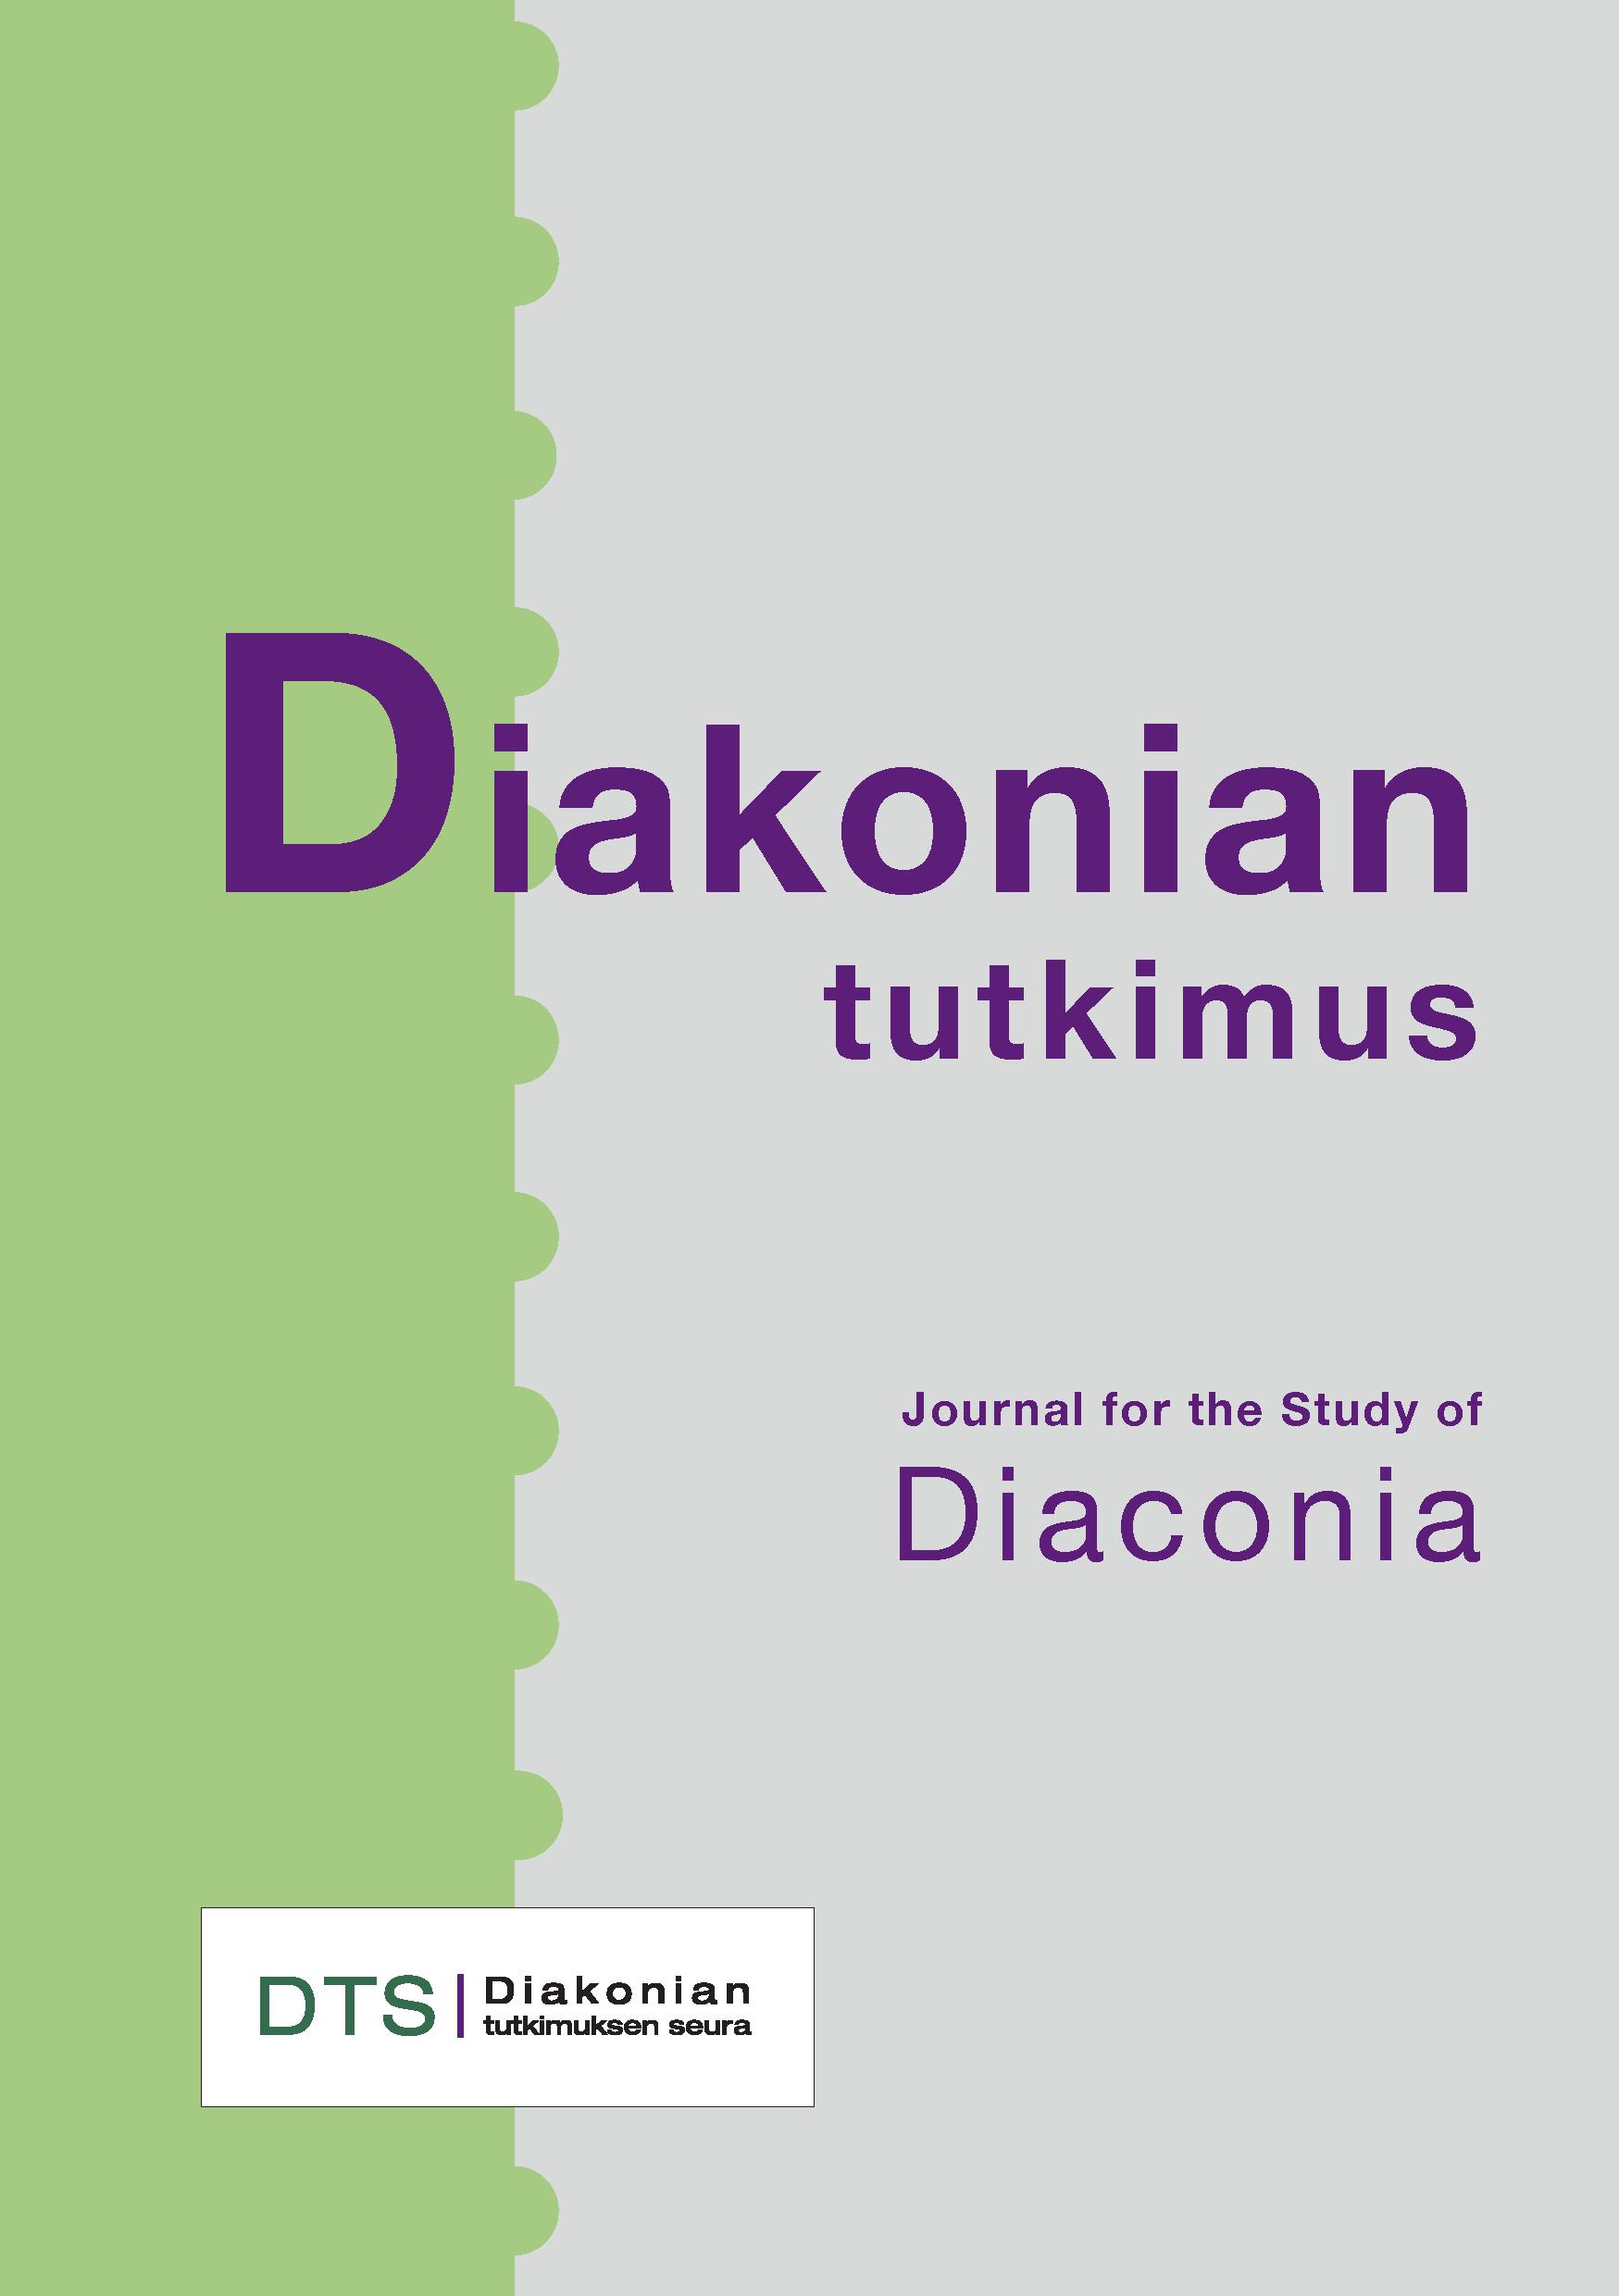 Näytä Nro 1S (2020): Diakonian tutkimus